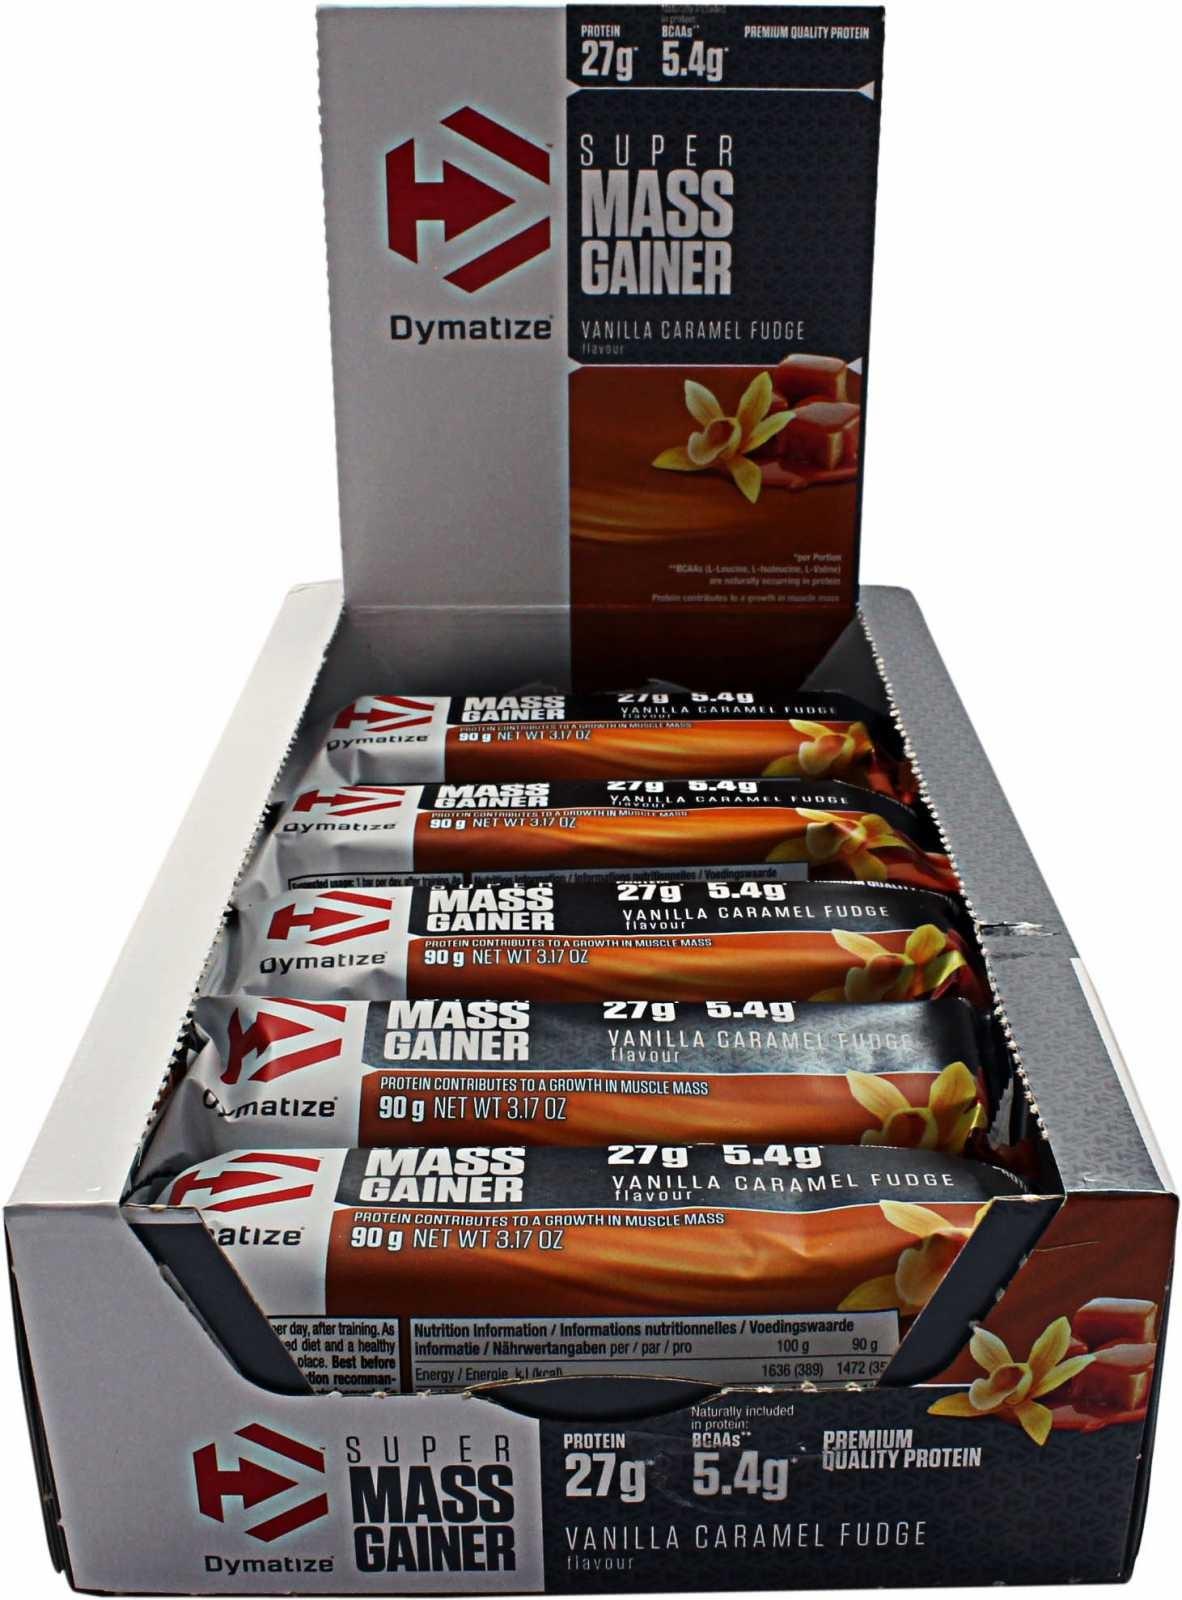 DYMATIZE Super MASS Gainer BAR Box 10 x 90g.